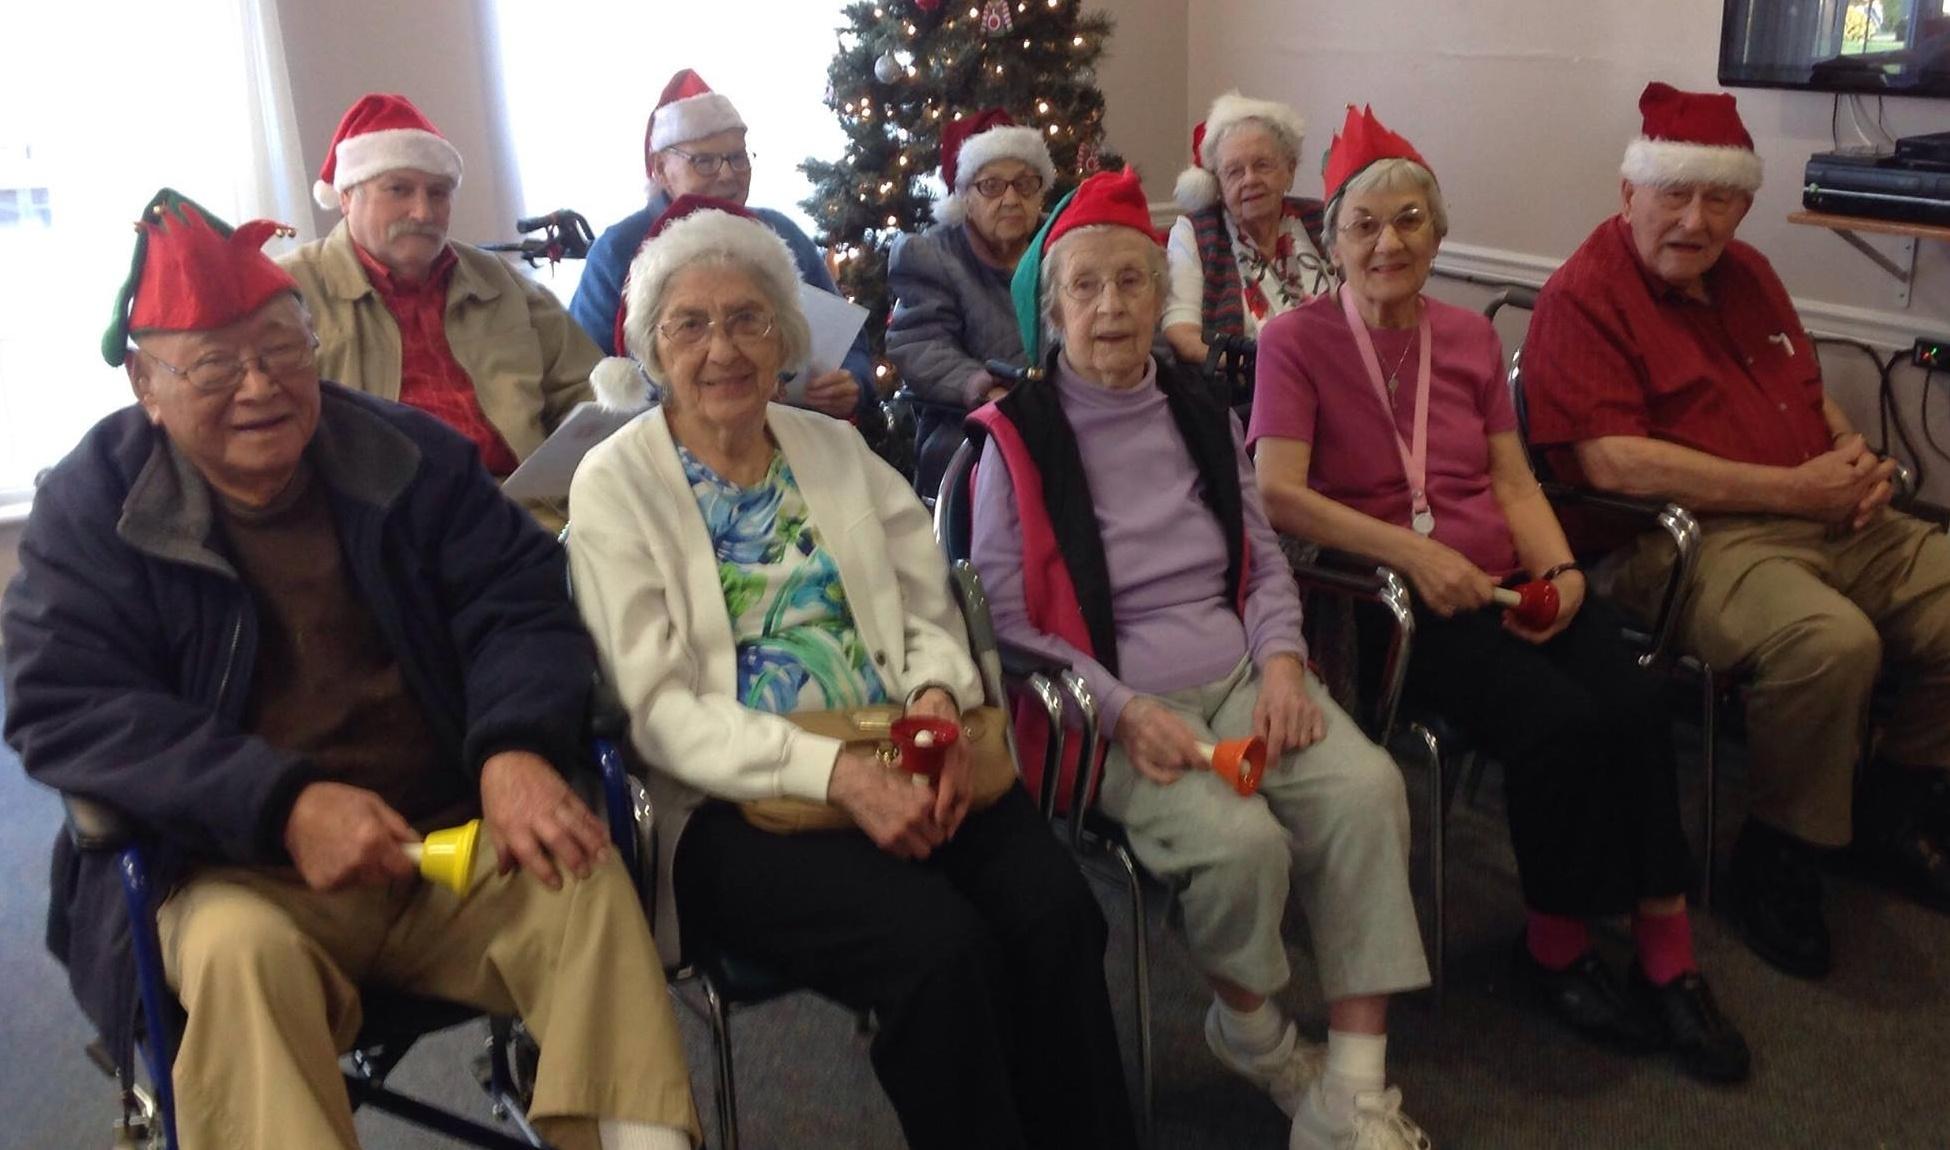 Belles and Beaus Bell Choir - Middlewoods of Farmington